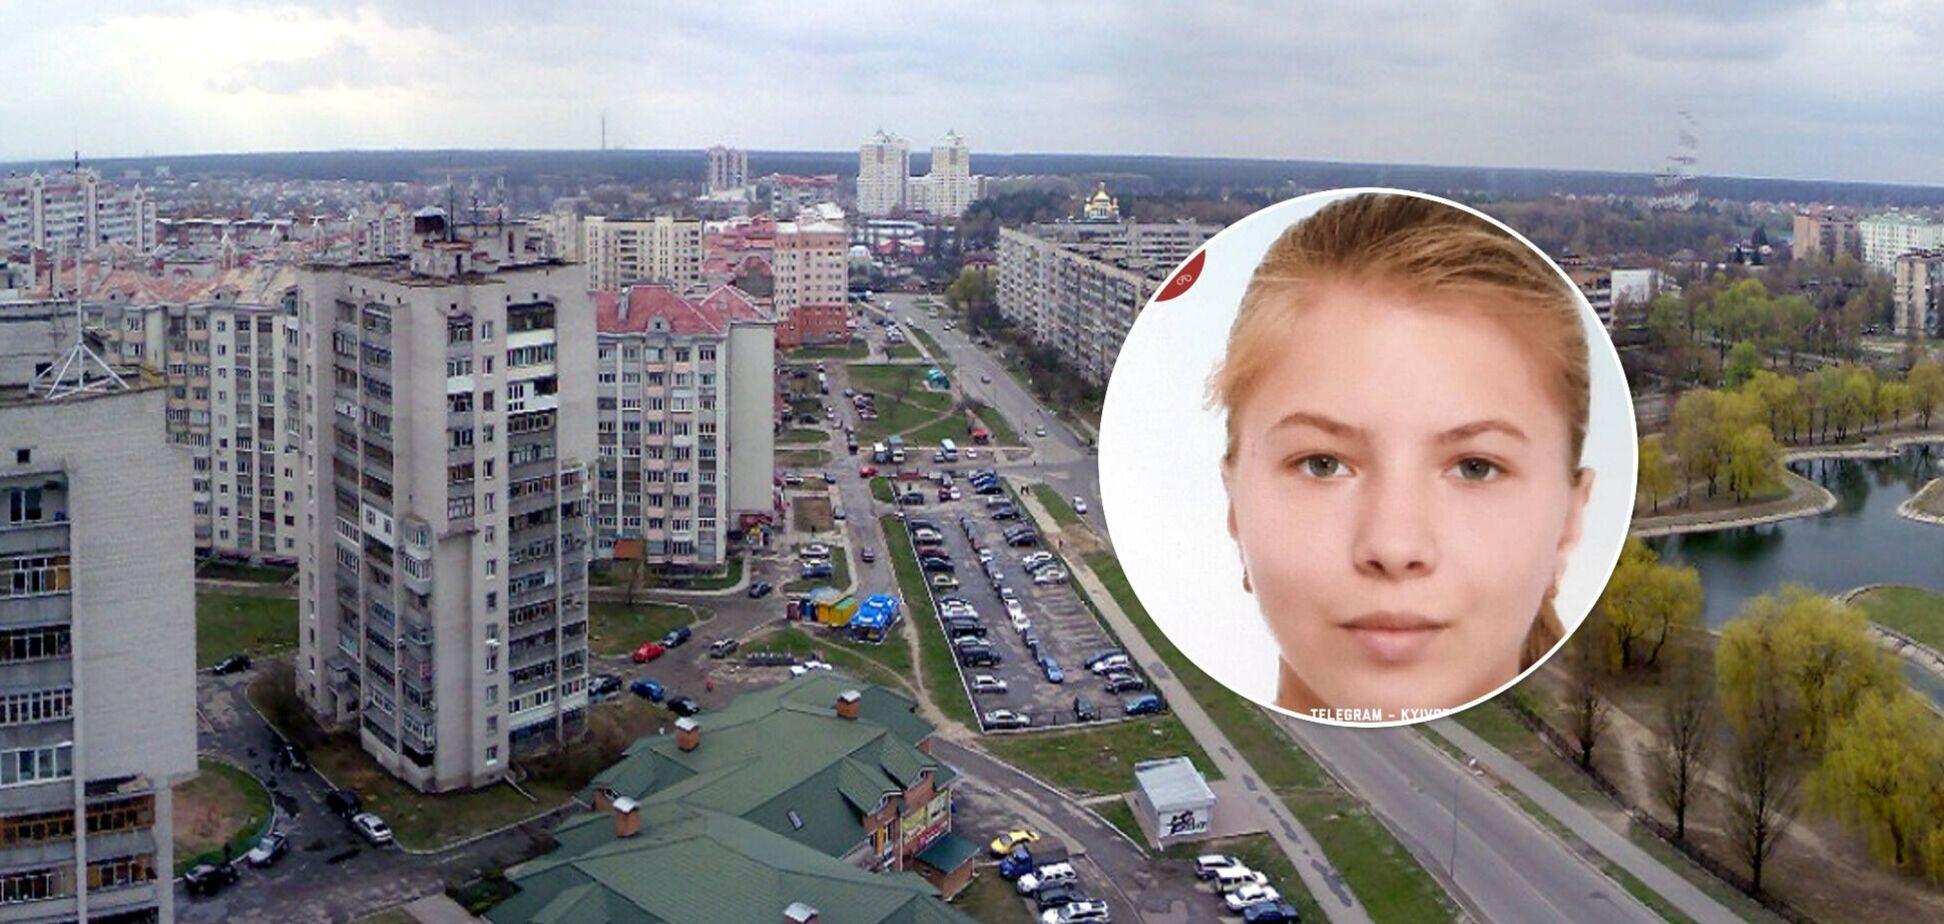 Под Киевом пропала 17-летняя девушка: приметы несовершеннолетней